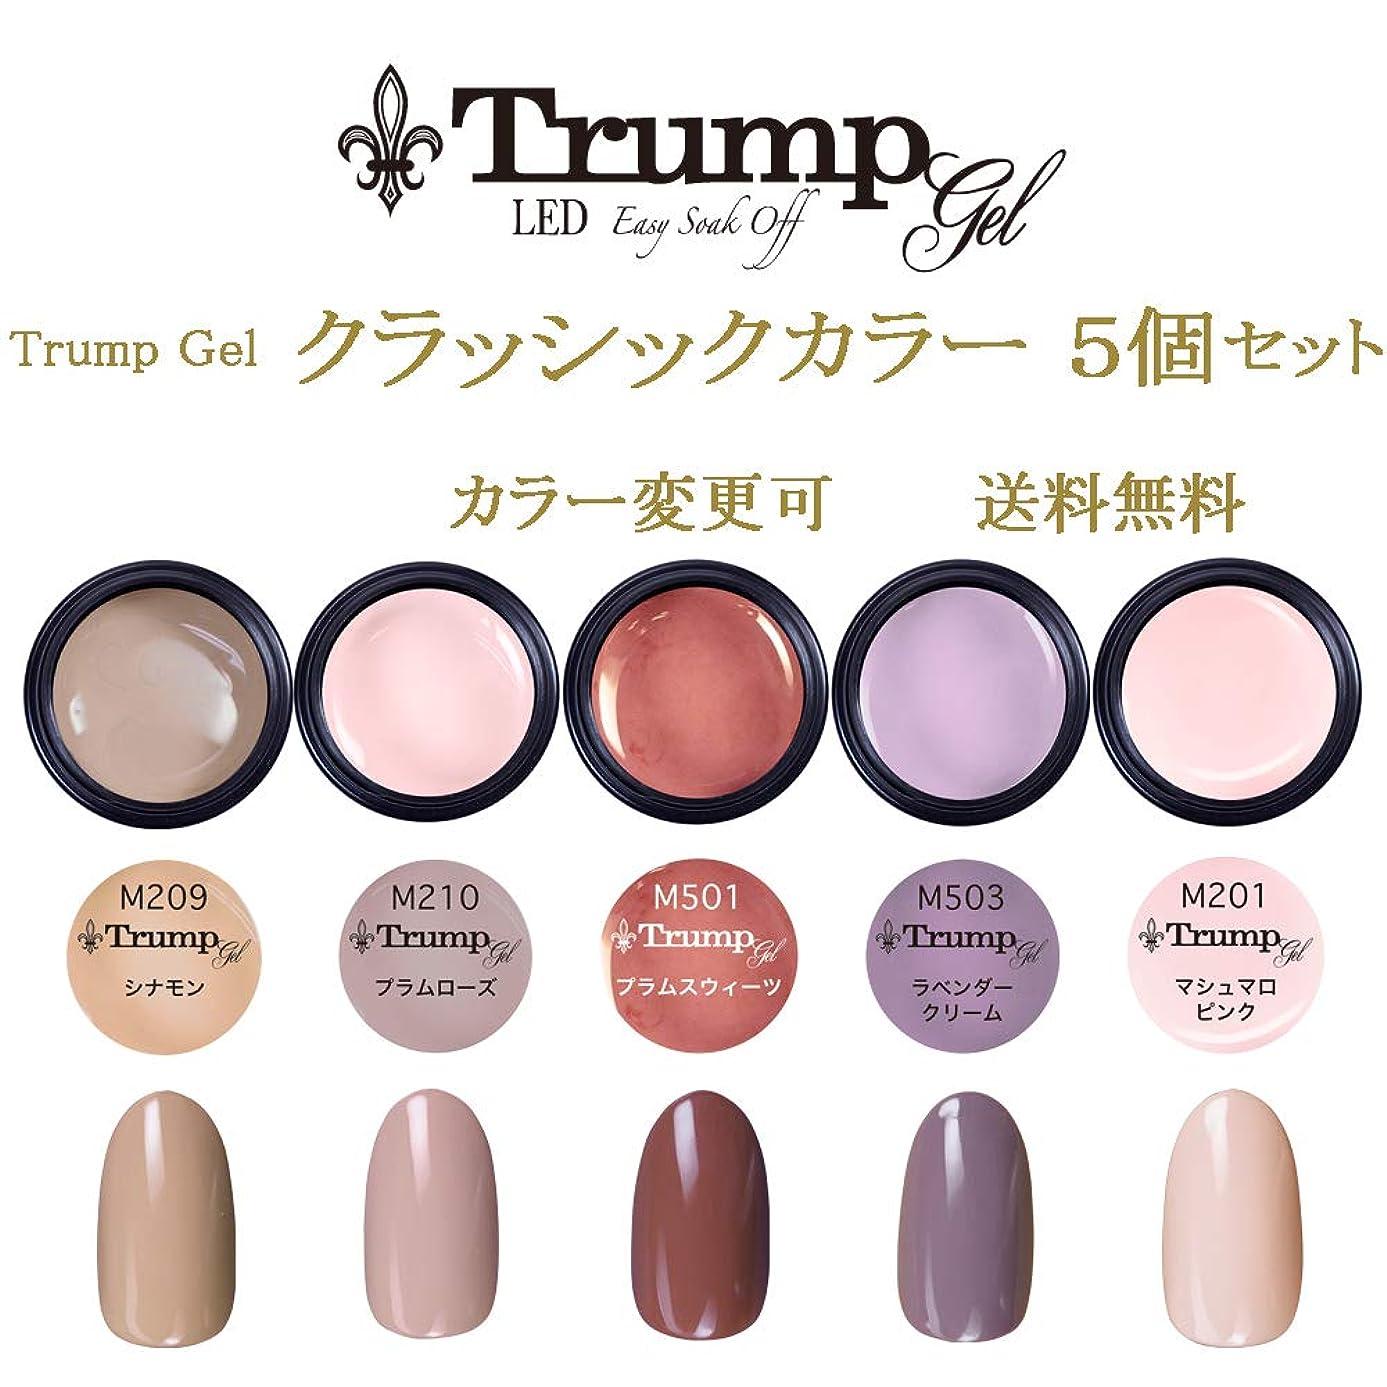 敵対的エアコンインキュバス【送料無料】日本製 Trump gel トランプジェル クラッシックカラー 選べる カラージェル 5個セット クラッシック ベージュ ブラウン ホワイト ラメ カラー